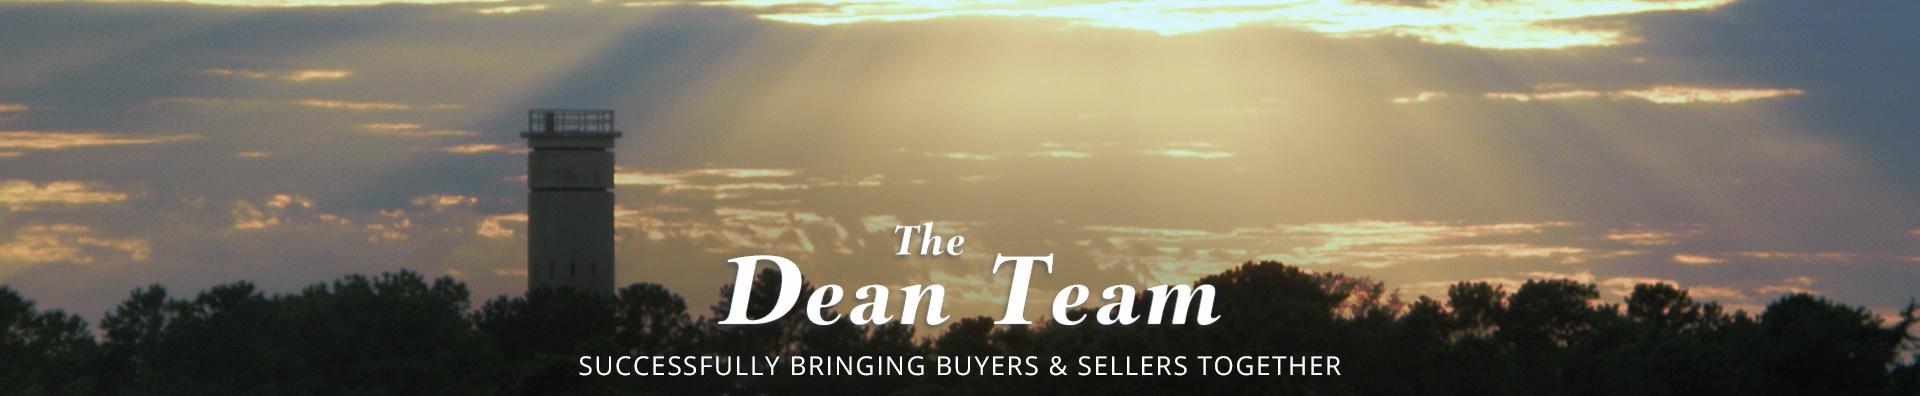 The Dean Team